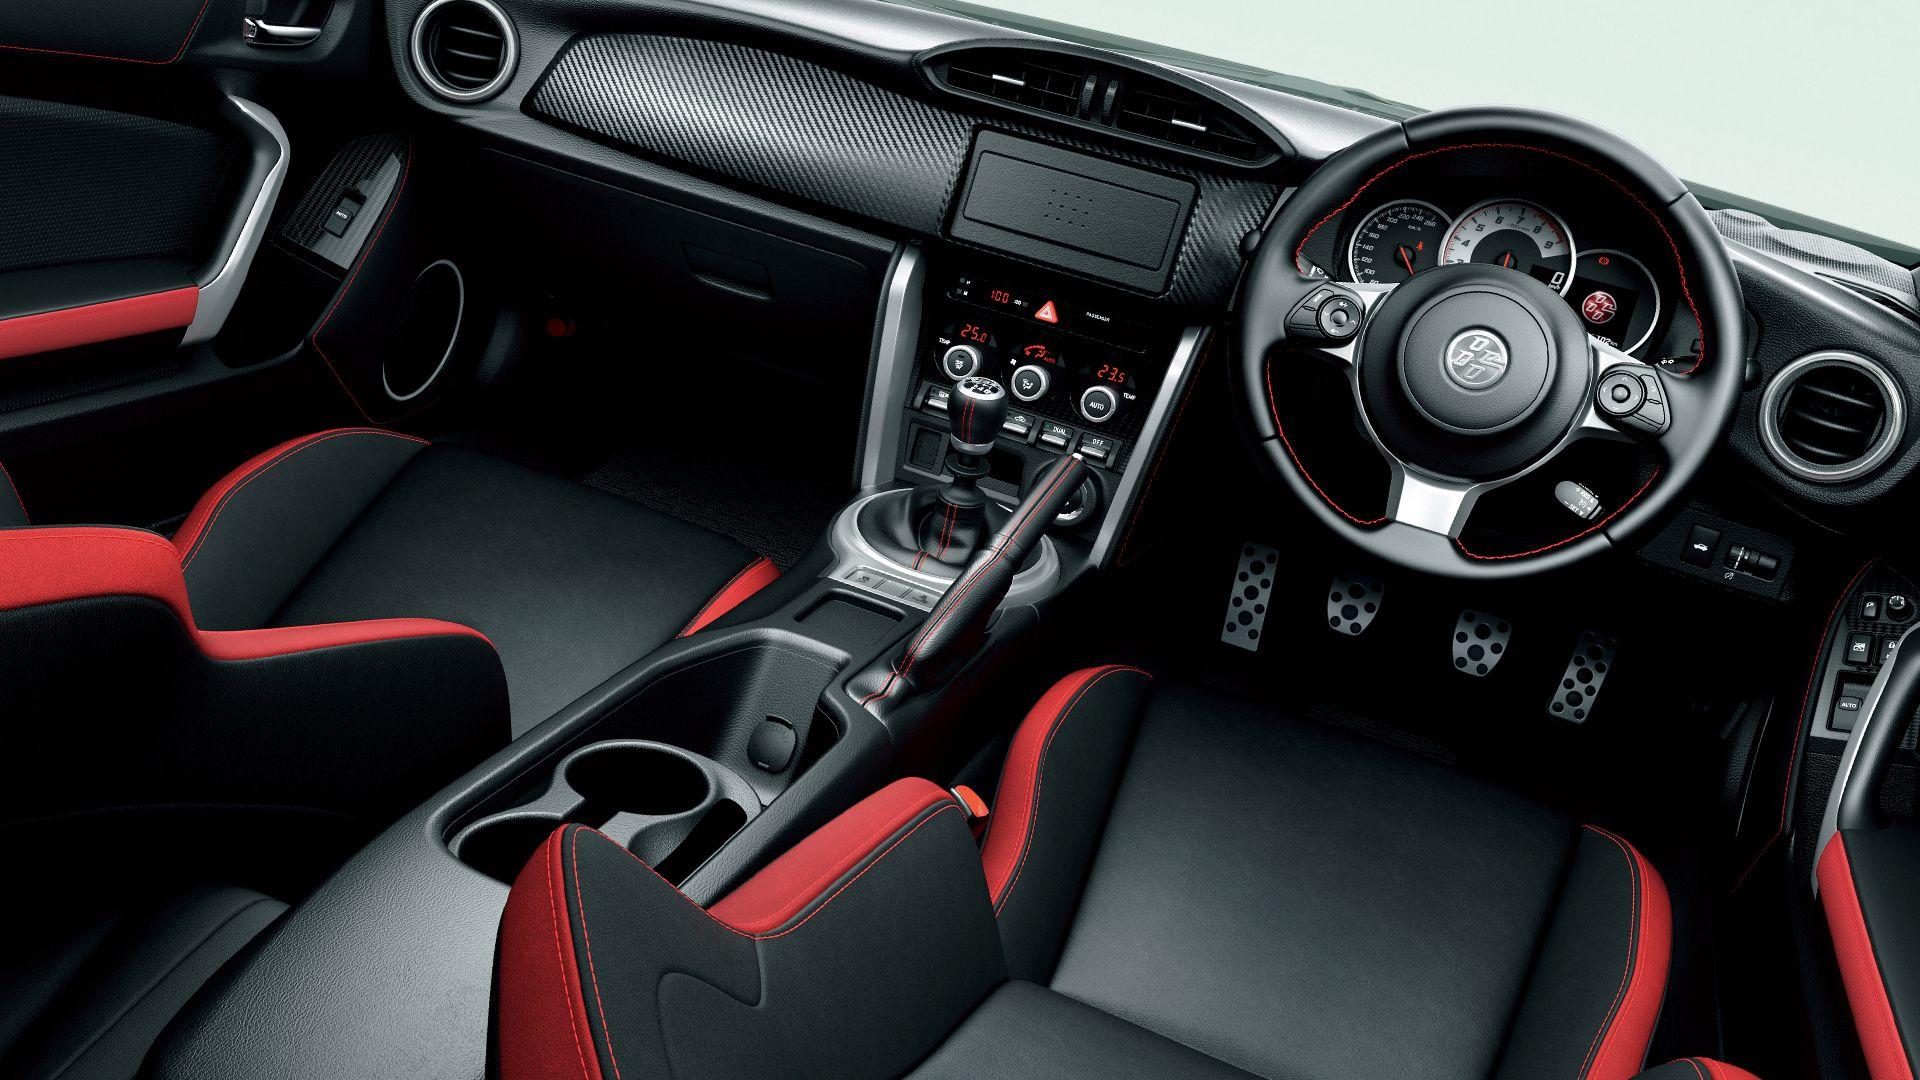 New 2019 Toyota 86 Interior Design Carros